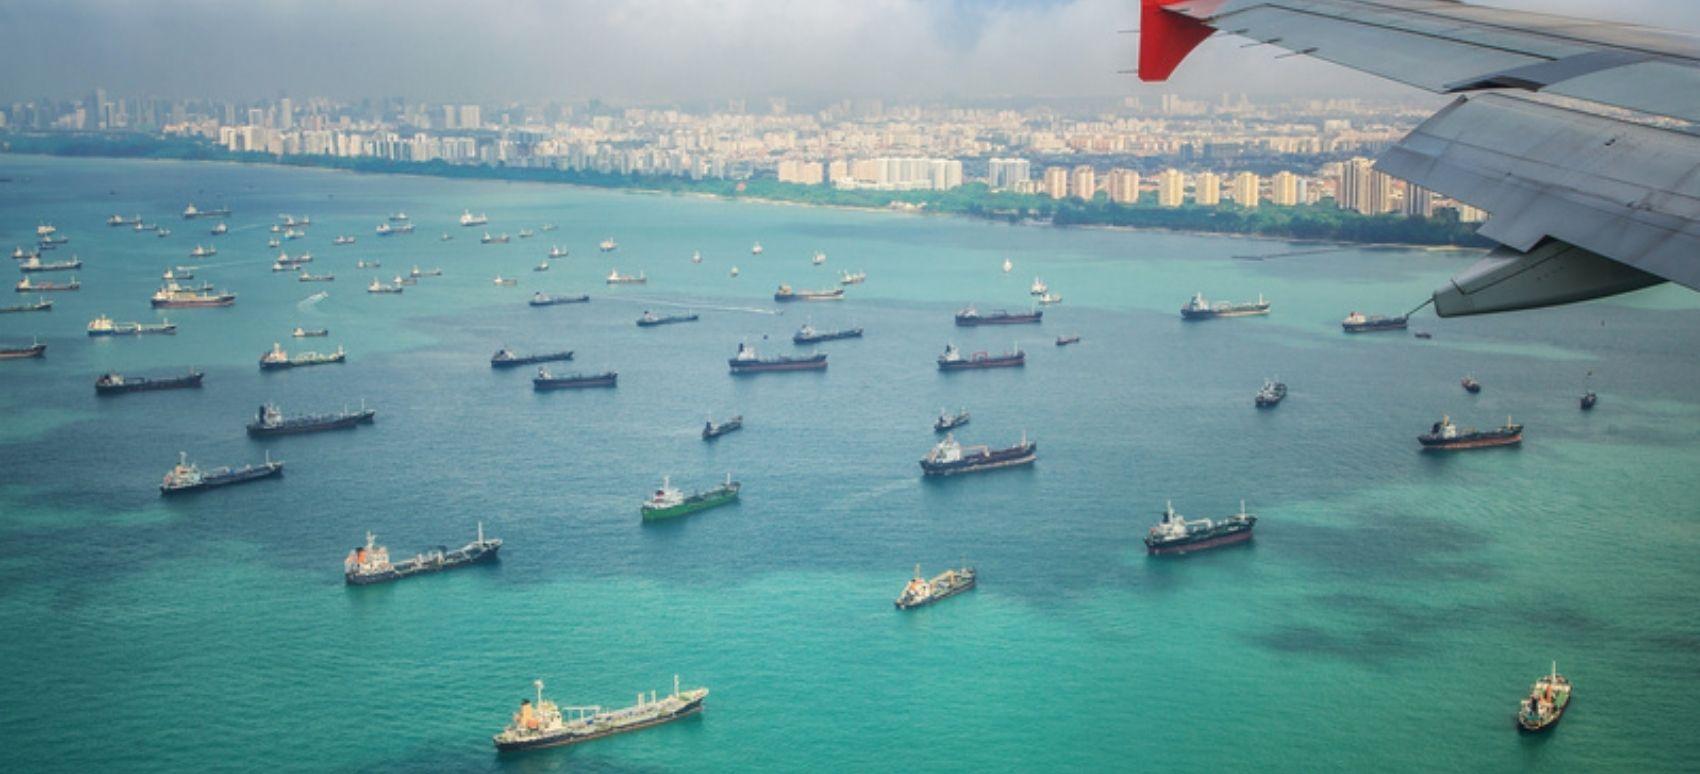 Transporte aéreo y marítimo | DSV